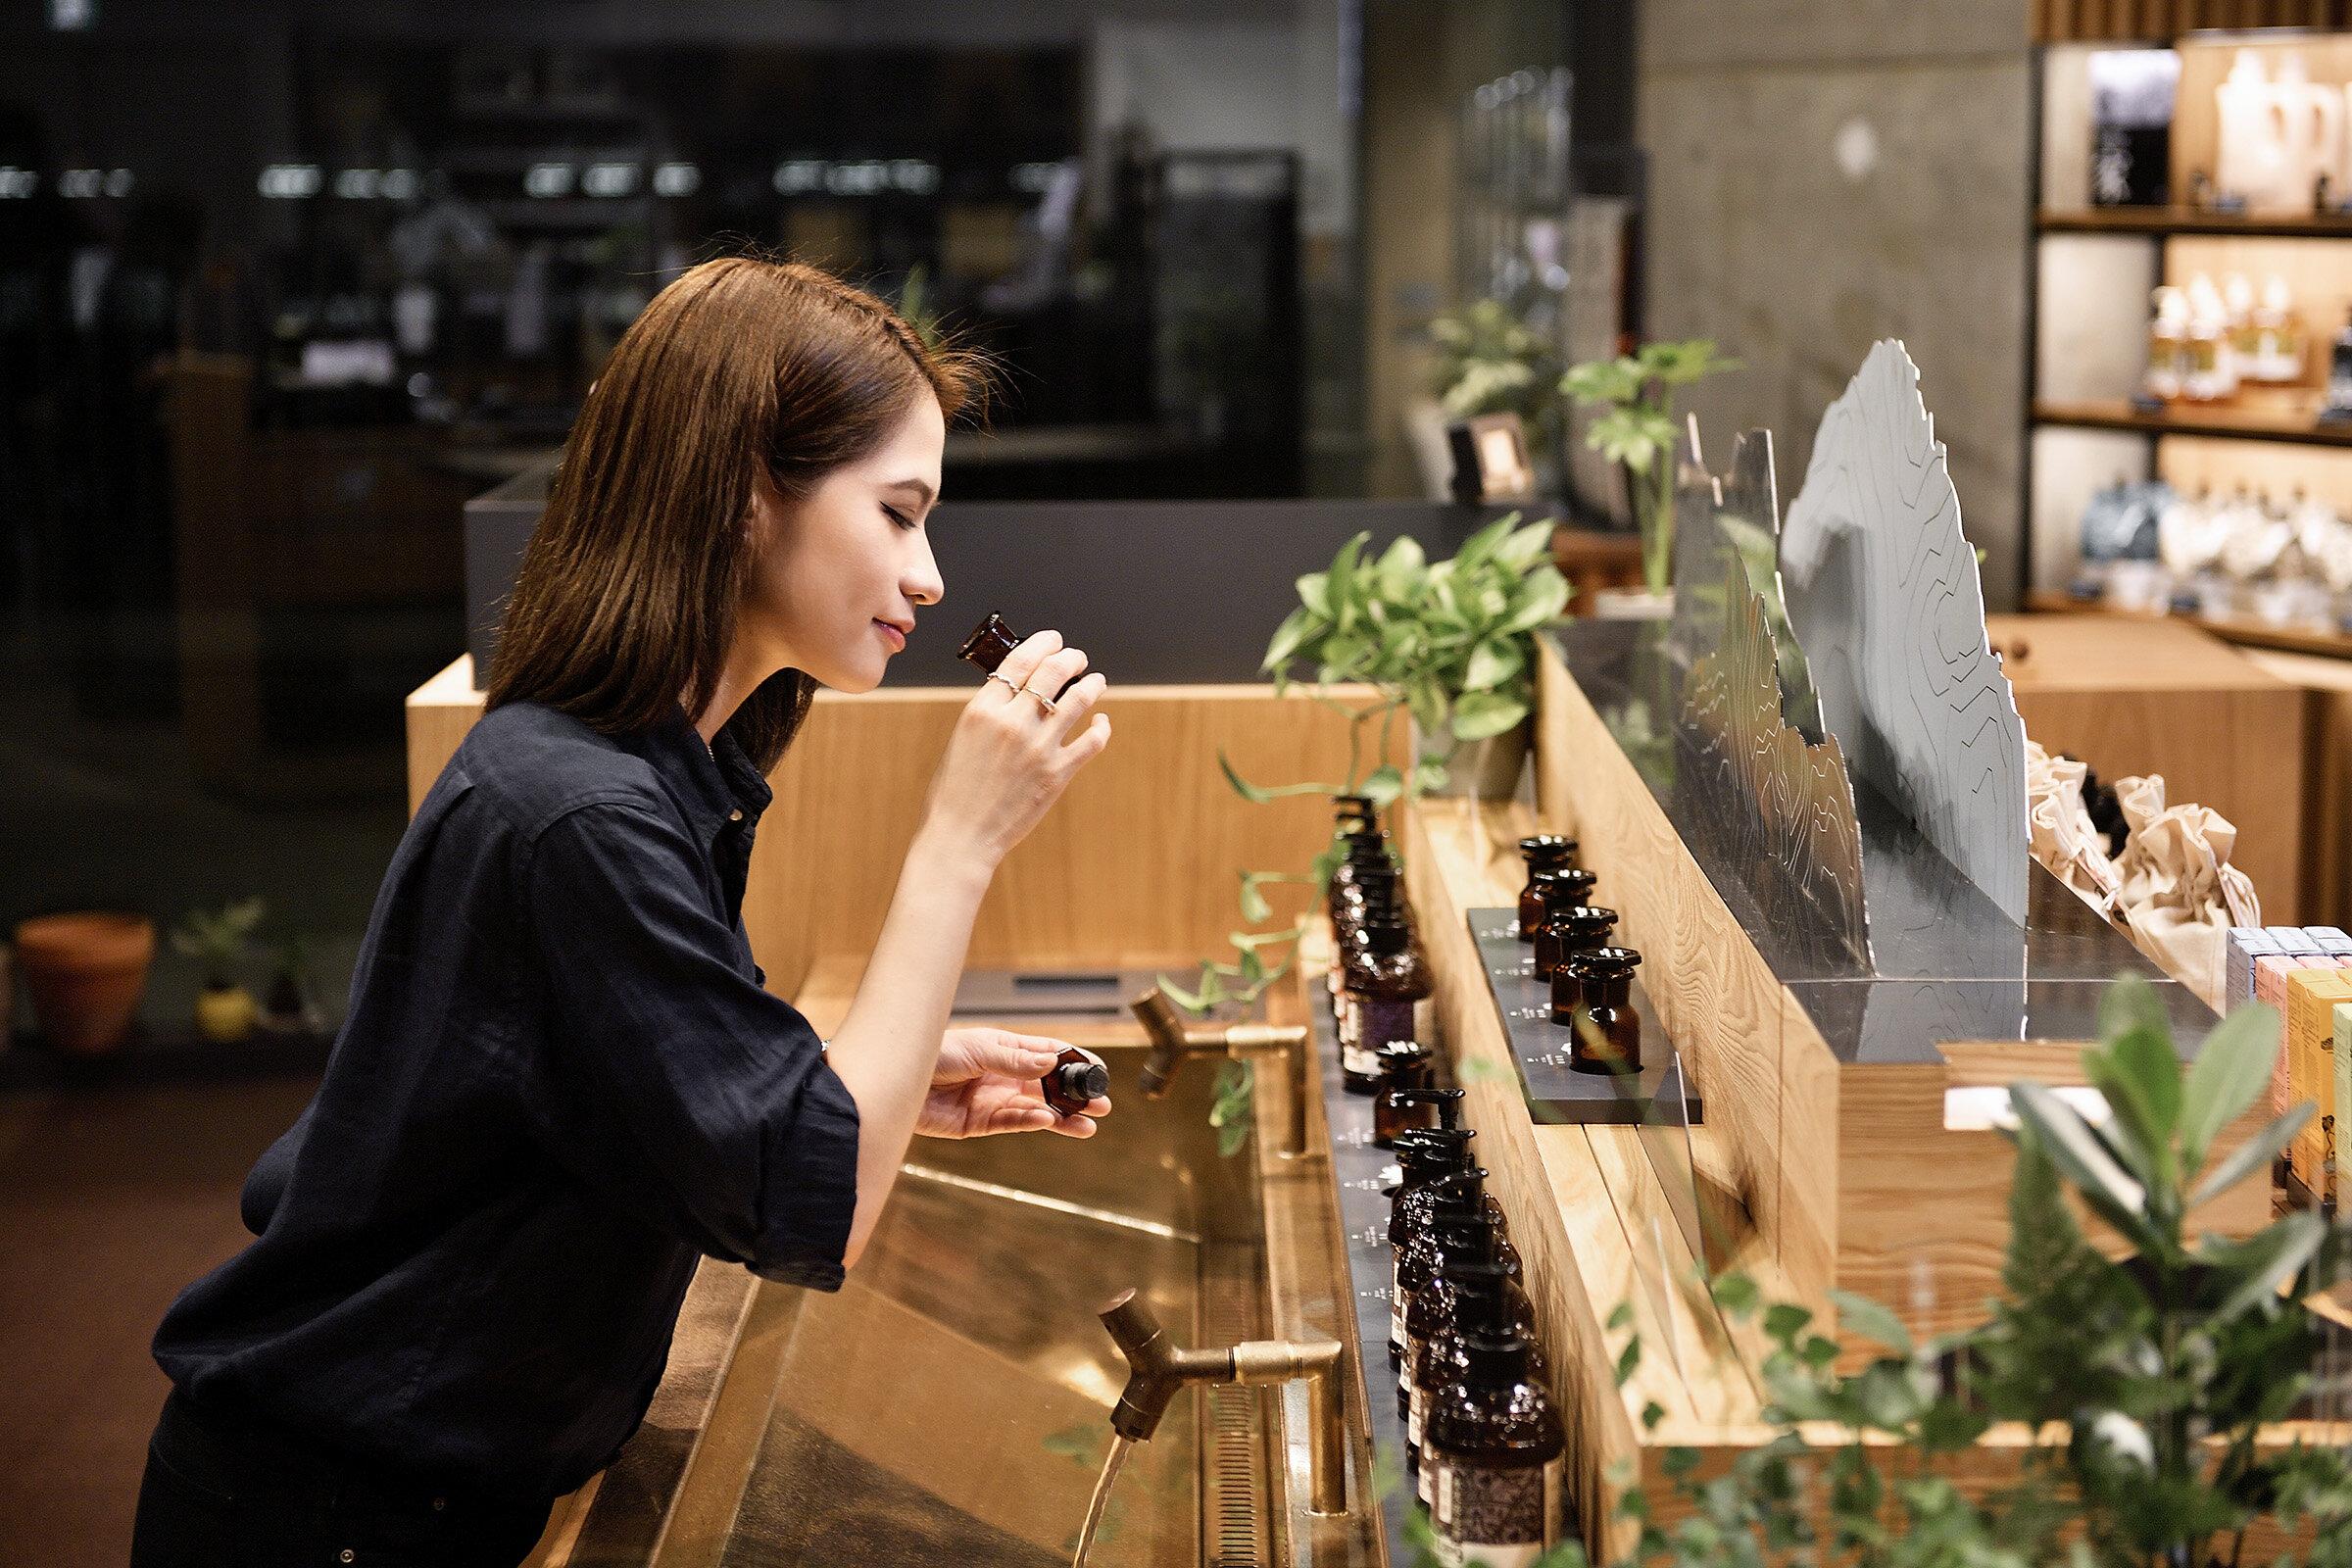 「山林島嶼」蘊藏主題展演、風格裝飾、商品體驗等充沛機能。